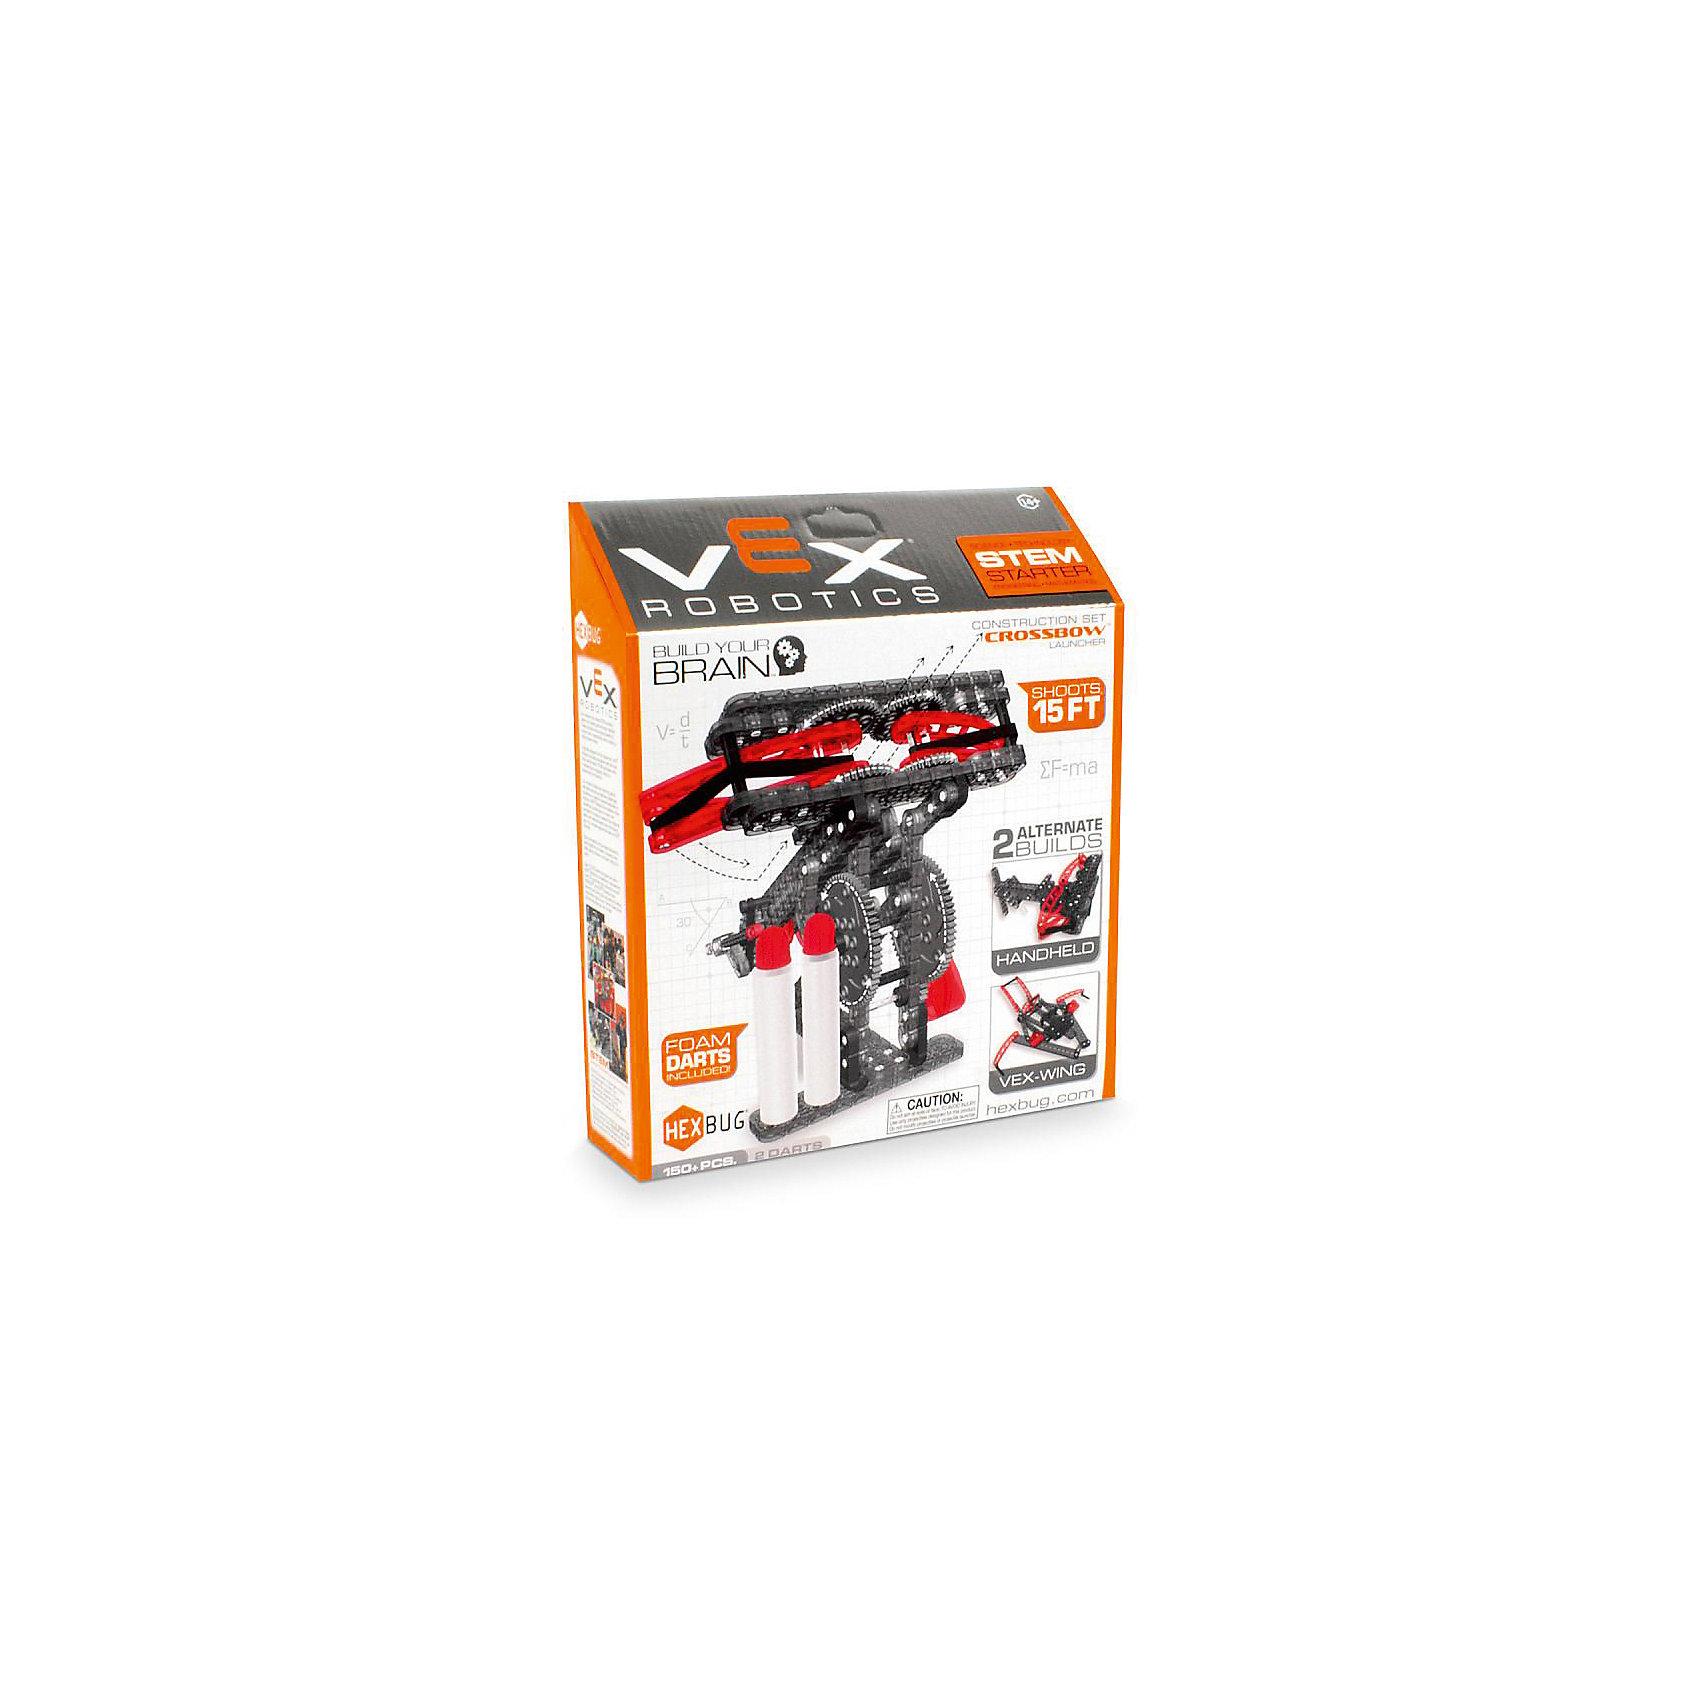 Конструктор VEX Crossbow Launcher, 150 деталей, HexbugПластмассовые конструкторы<br>Конструктор VEX Crossbow Launcher, 150 деталей, Hexbug (Хексбаг)<br><br>Характеристики:<br><br>• можно собрать осадную машину Баллиста<br>• снаряды в комплекте<br>• прост в управлении<br>• дальность действия: до 4,5 метров<br>• количество деталей: 150<br>• размер упаковки: 10х40х35 см<br>• вес: 460 грамм<br><br>Конструктор VEX Crossbow Launcher позволит ребенку самостоятельно собрать уменьшенную копию настоящей средневековой осадной машины Баллиста. Она способна стрелять снарядами на расстояние до 4,5 метров. Процесс игры познакомит ребенка с основами механики и физики. Crossbow Launcher - отличный подарок для юных конструкторов.<br><br>Конструктор VEX Crossbow Launcher, 150 деталей, Hexbug (Хексбаг) можно купить в нашем интернет-магазине.<br><br>Ширина мм: 270<br>Глубина мм: 60<br>Высота мм: 230<br>Вес г: 455<br>Возраст от месяцев: 36<br>Возраст до месяцев: 2147483647<br>Пол: Унисекс<br>Возраст: Детский<br>SKU: 5507205